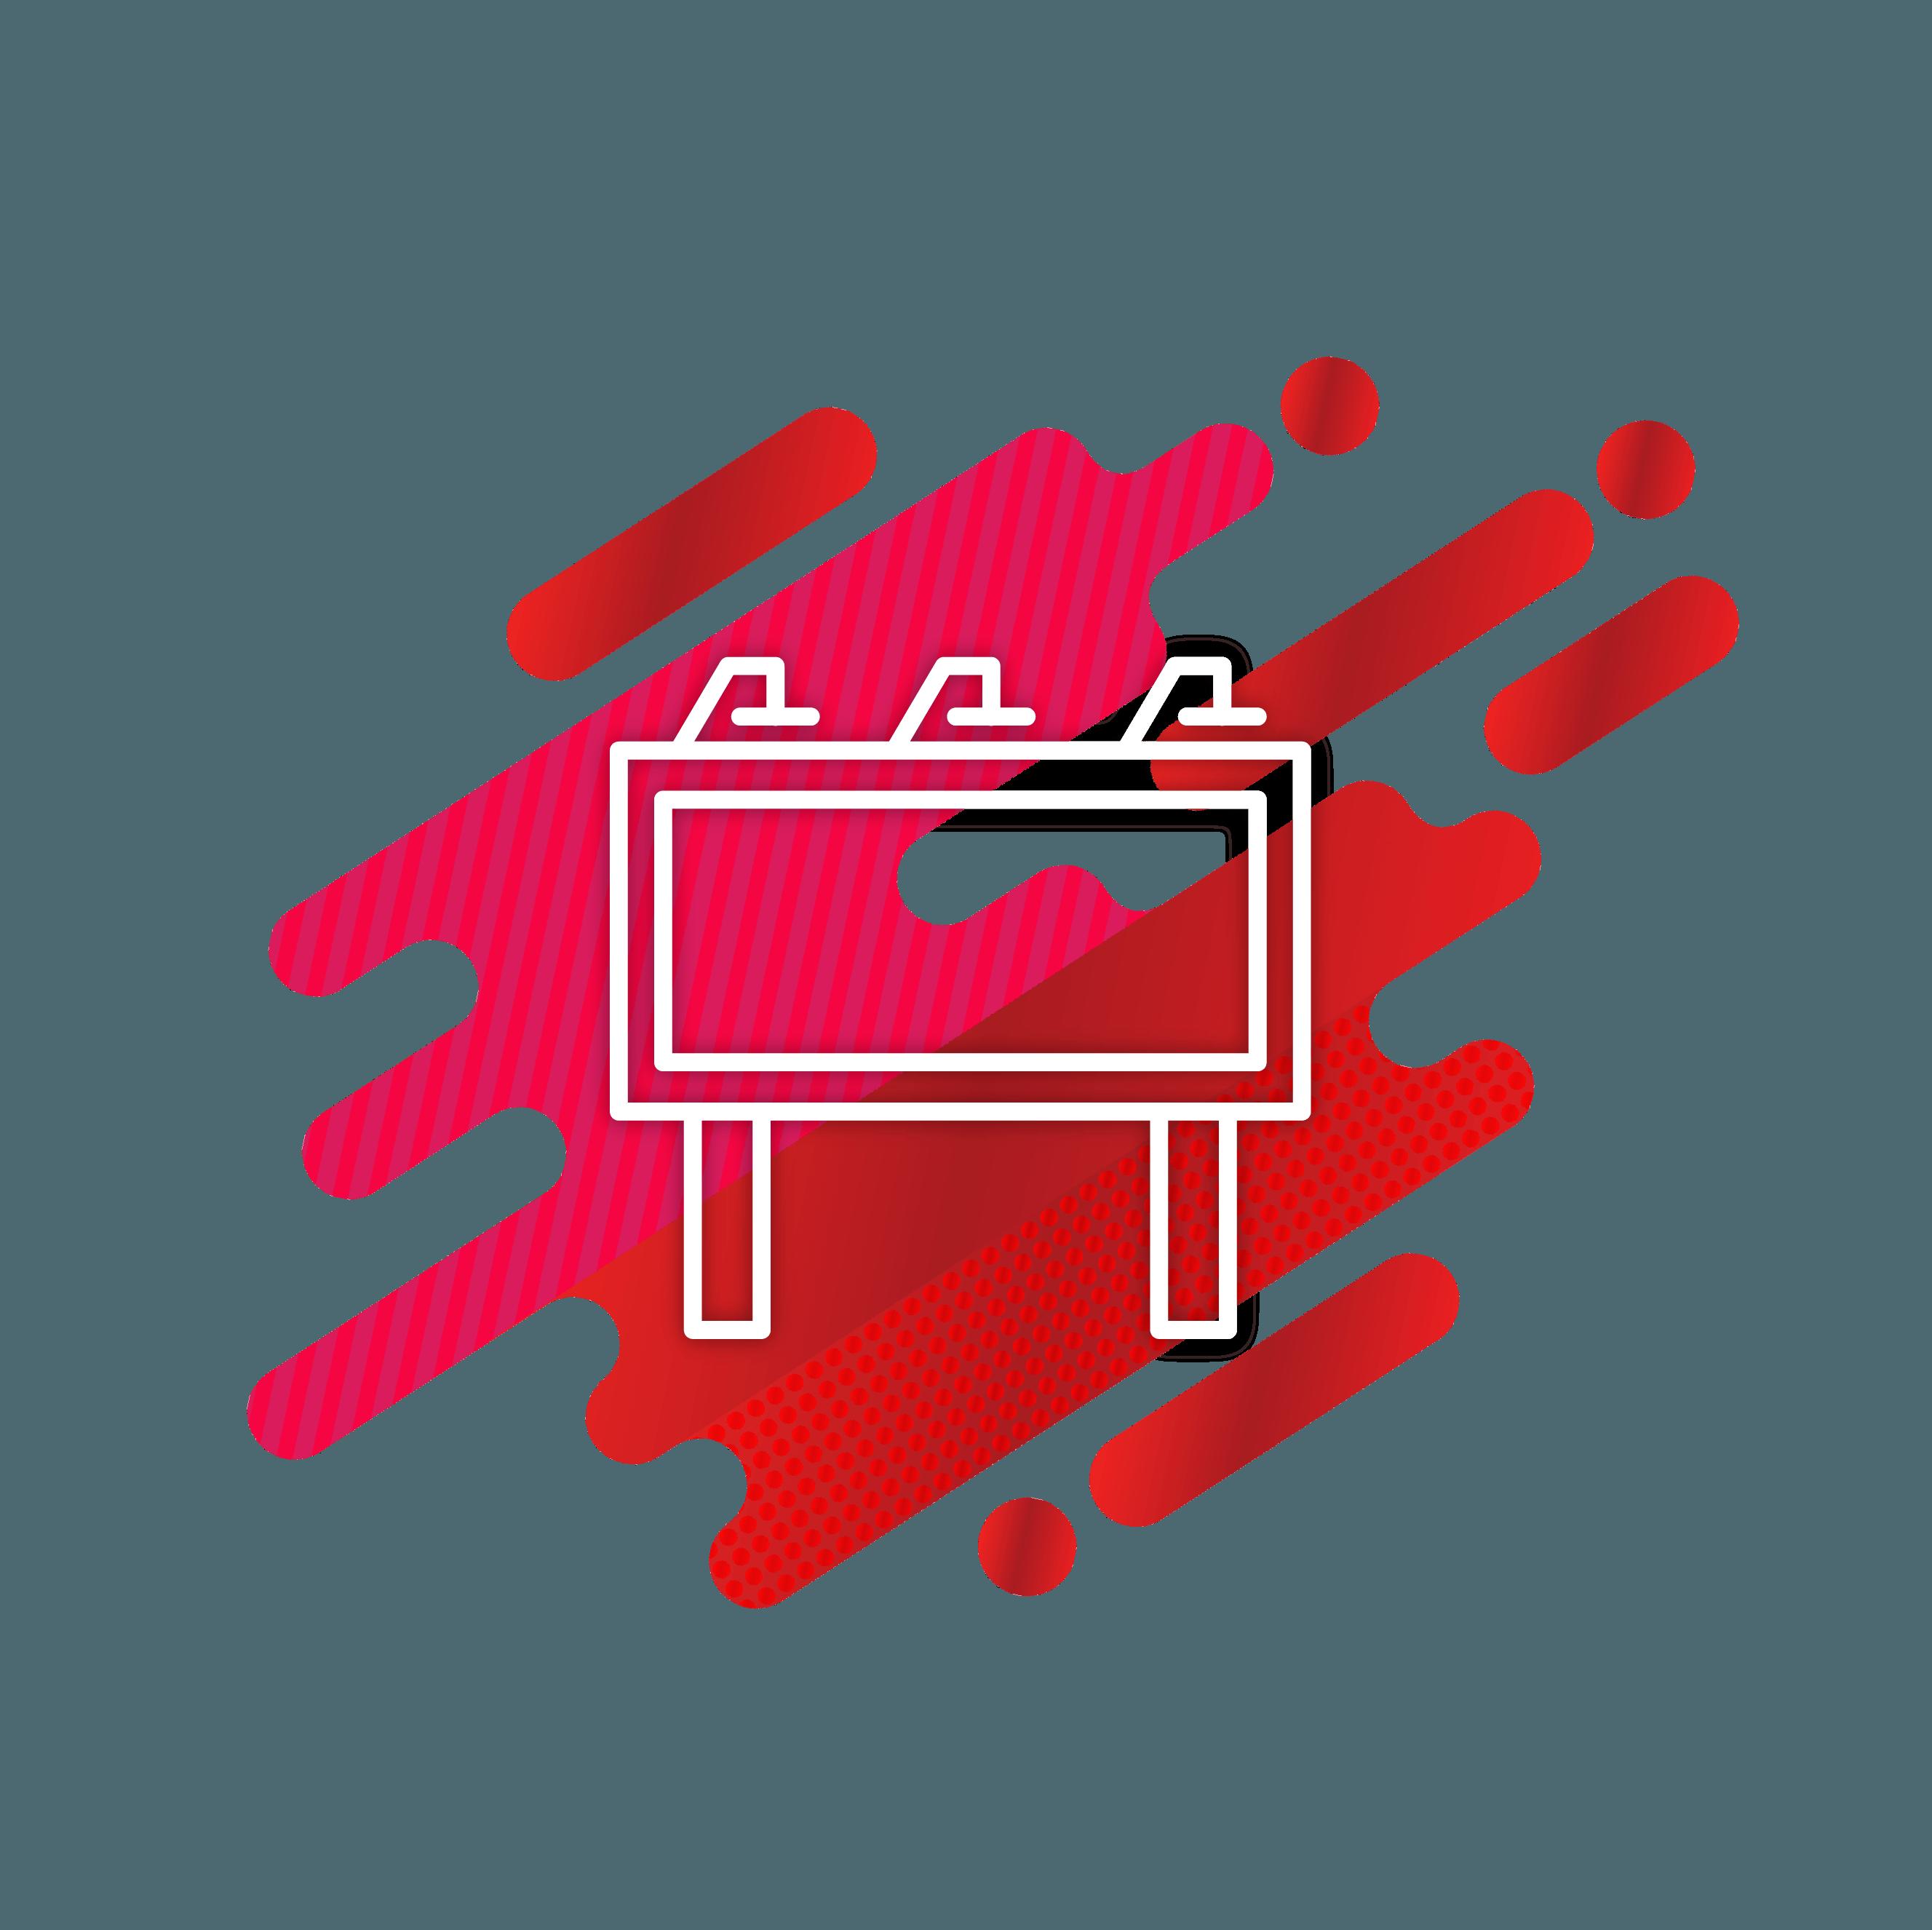 Reklama tradycyjna i internetowa - DKAmedia Agencja Reklamowa